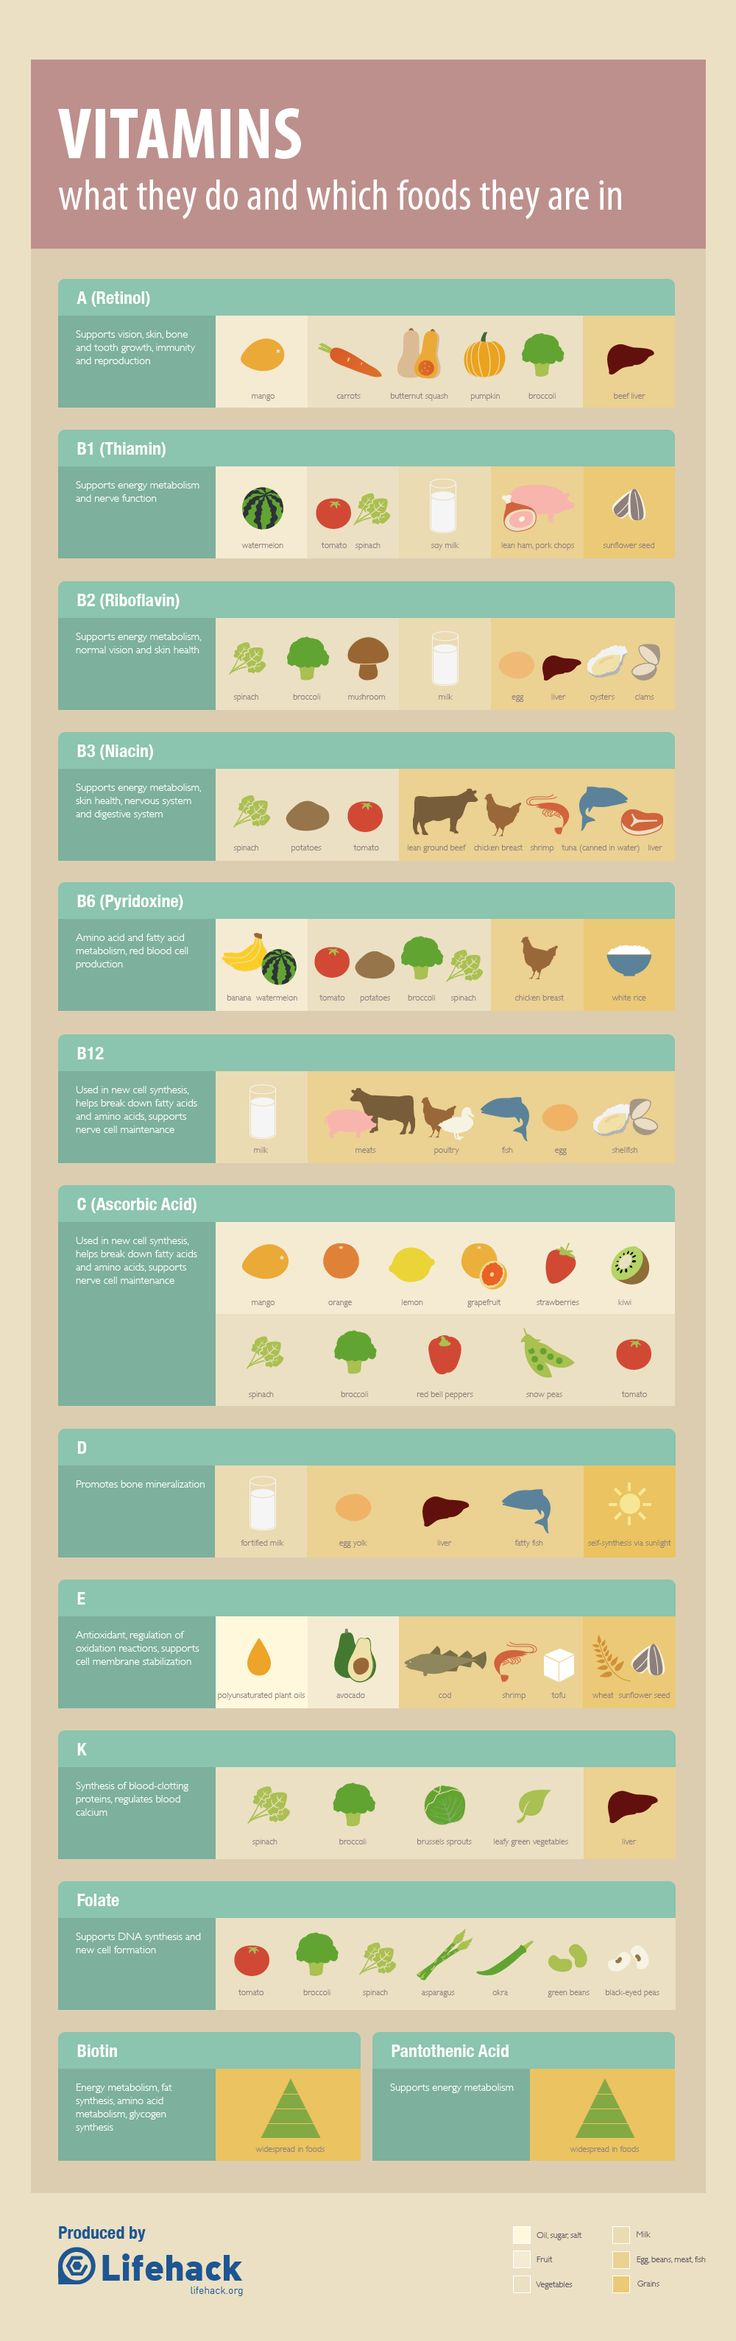 711 repins  ABC-ul Vitaminelor                                               Importanta vitaminelor pentru organismul nostru si sursele naturale ale acestora.